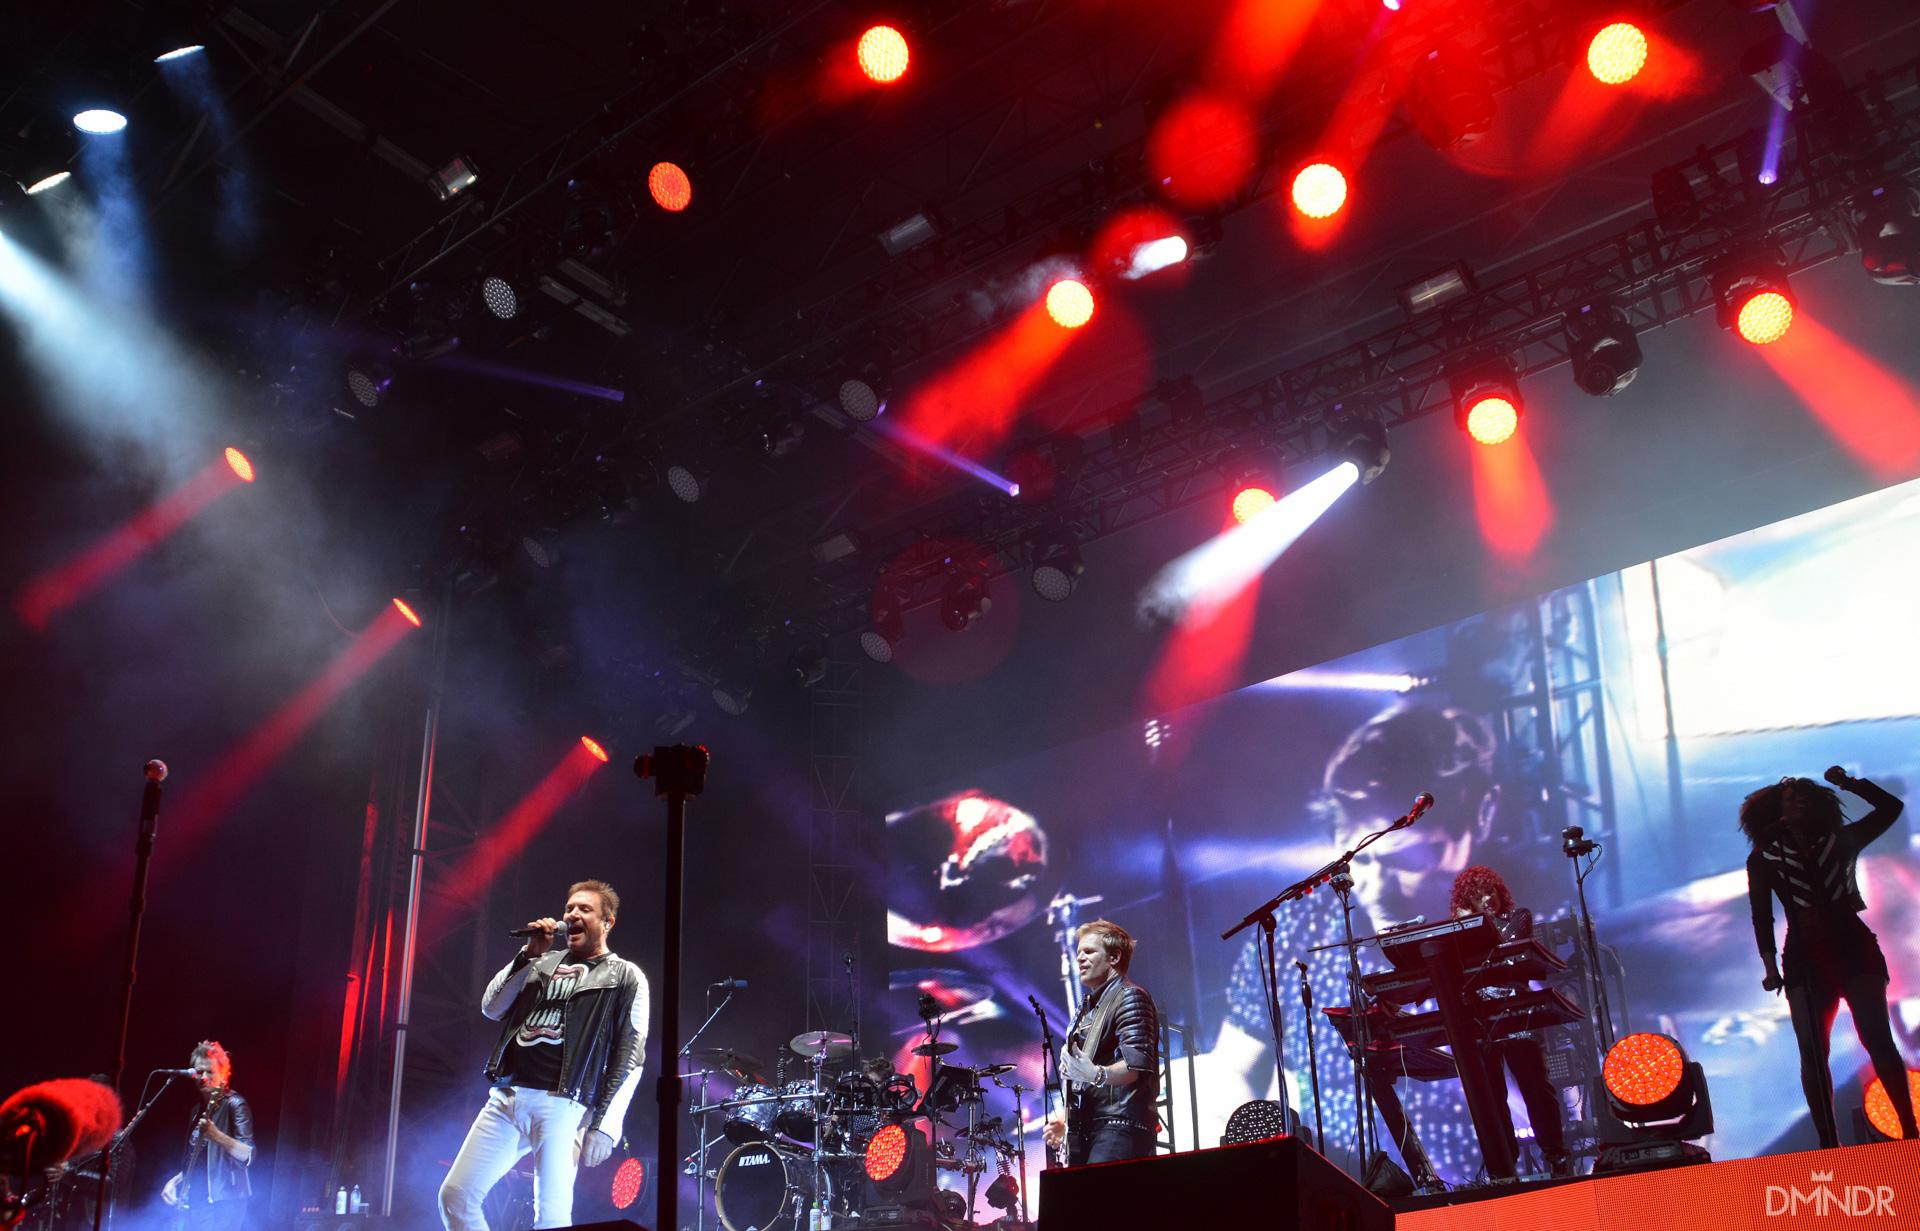 Duran Duran stage